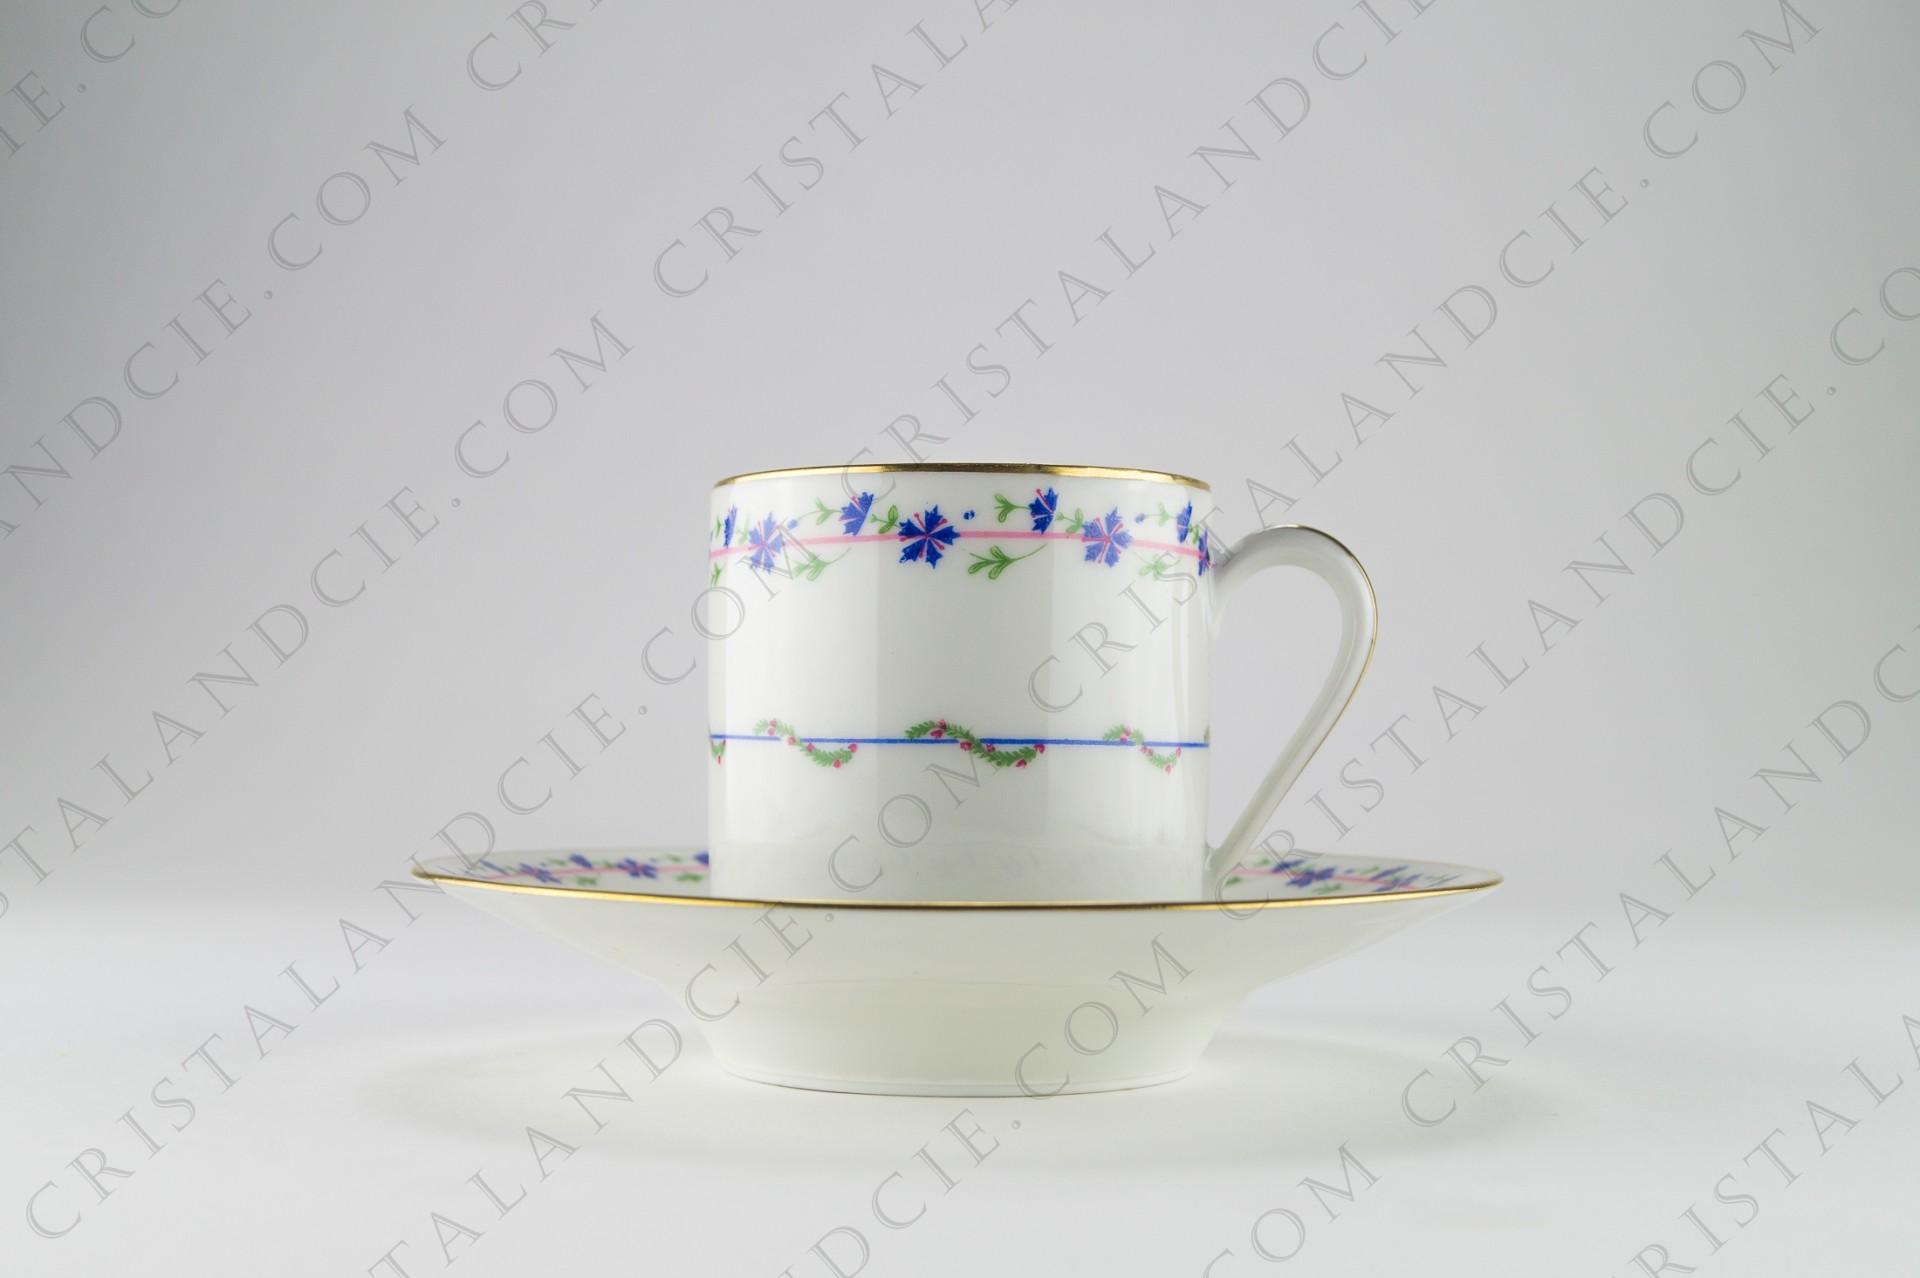 tasse caf aux bleuets en raynaud. Black Bedroom Furniture Sets. Home Design Ideas